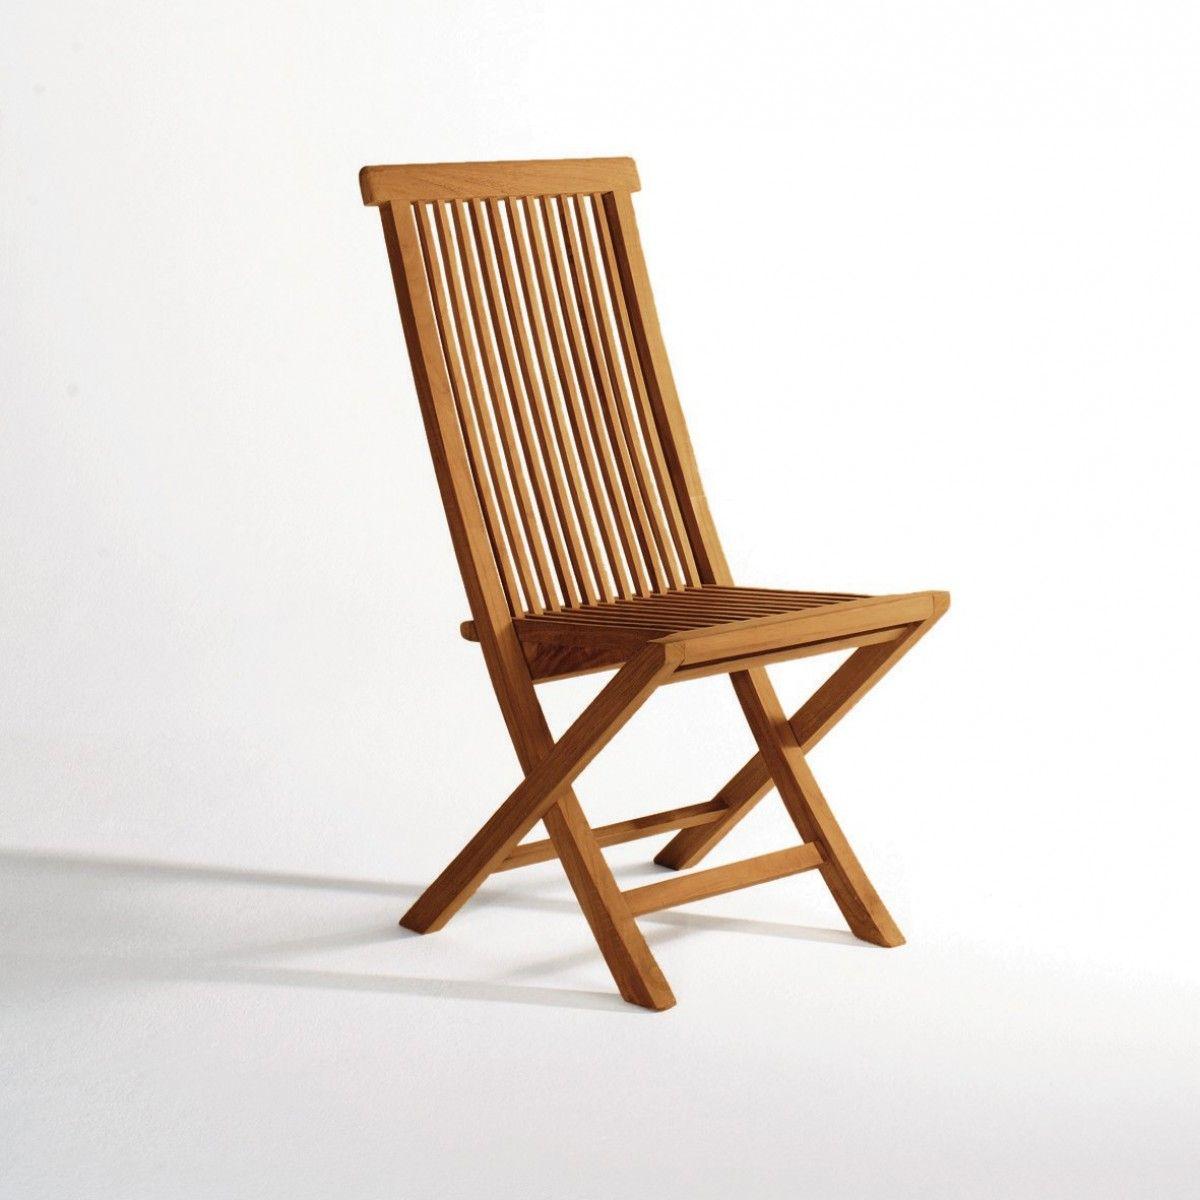 Klappstuhl Teak Holz Klappstuhl Und Stuhle